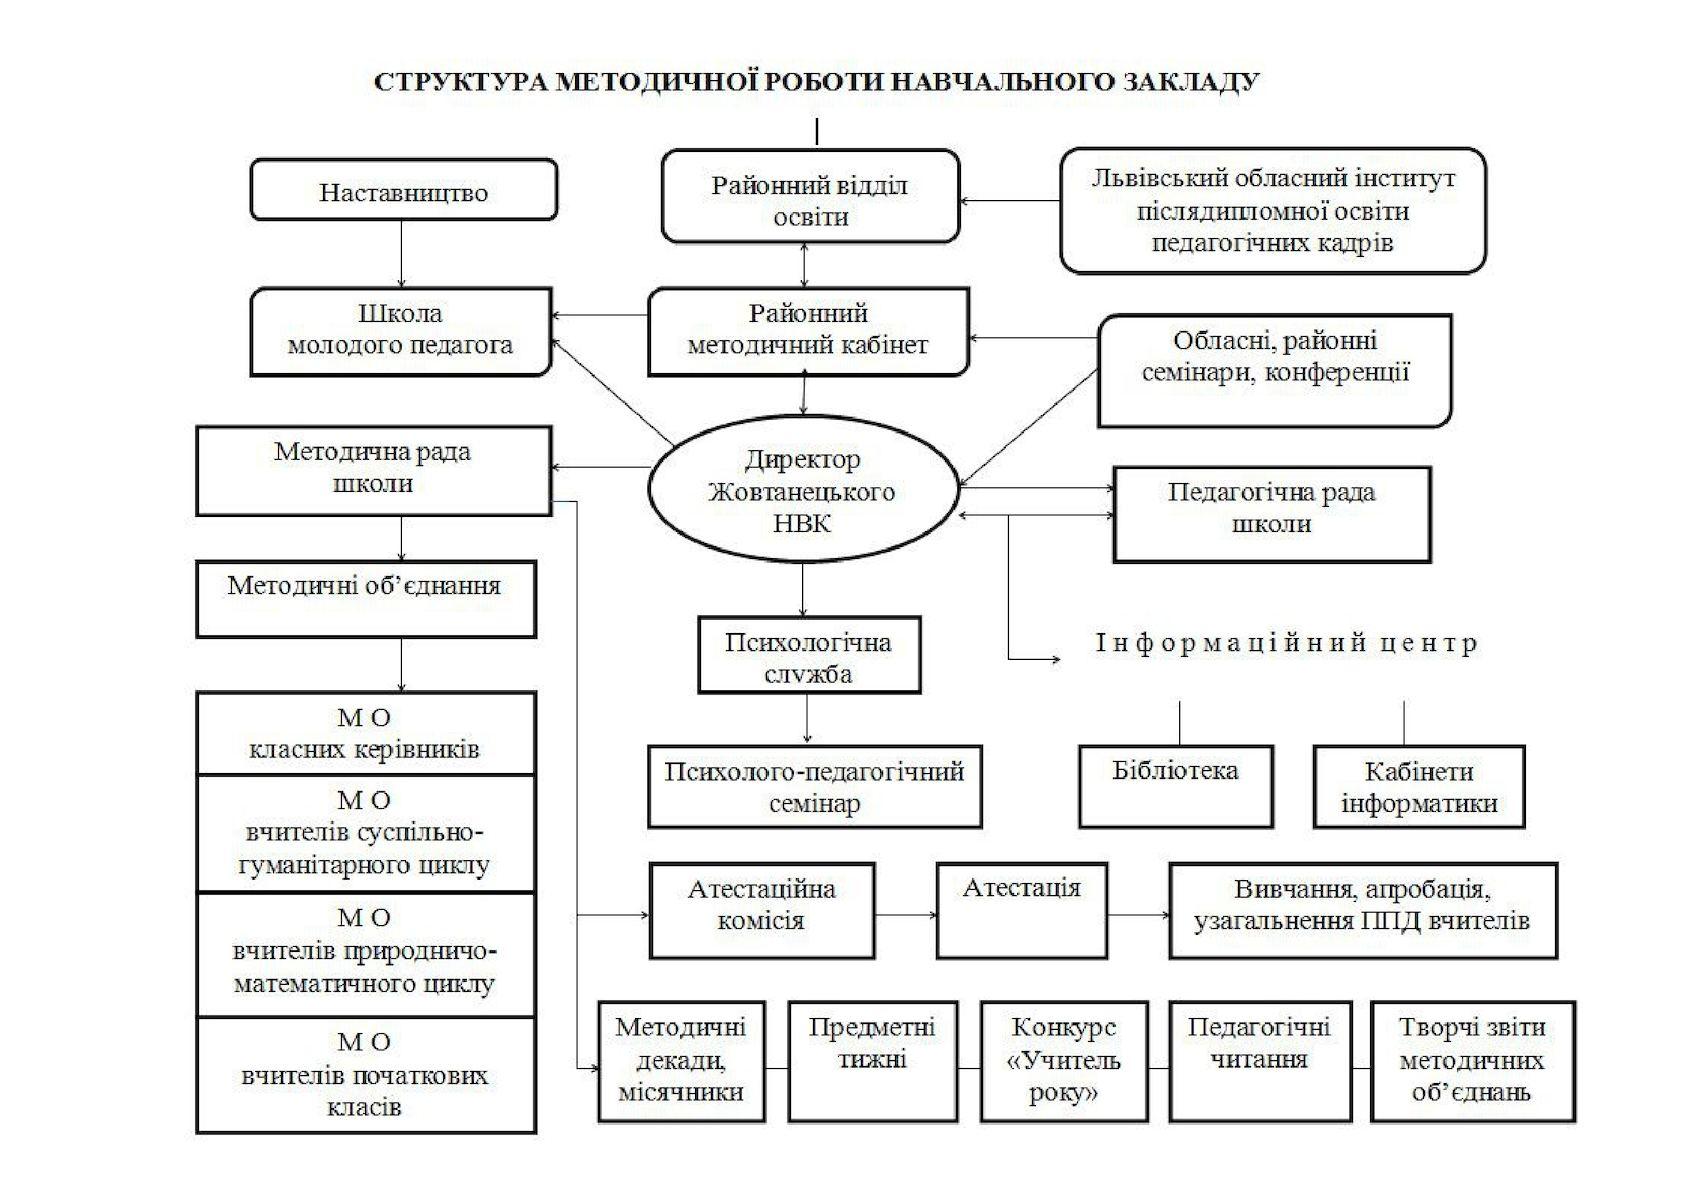 Структура методичної роботи і Положення про методичну раду